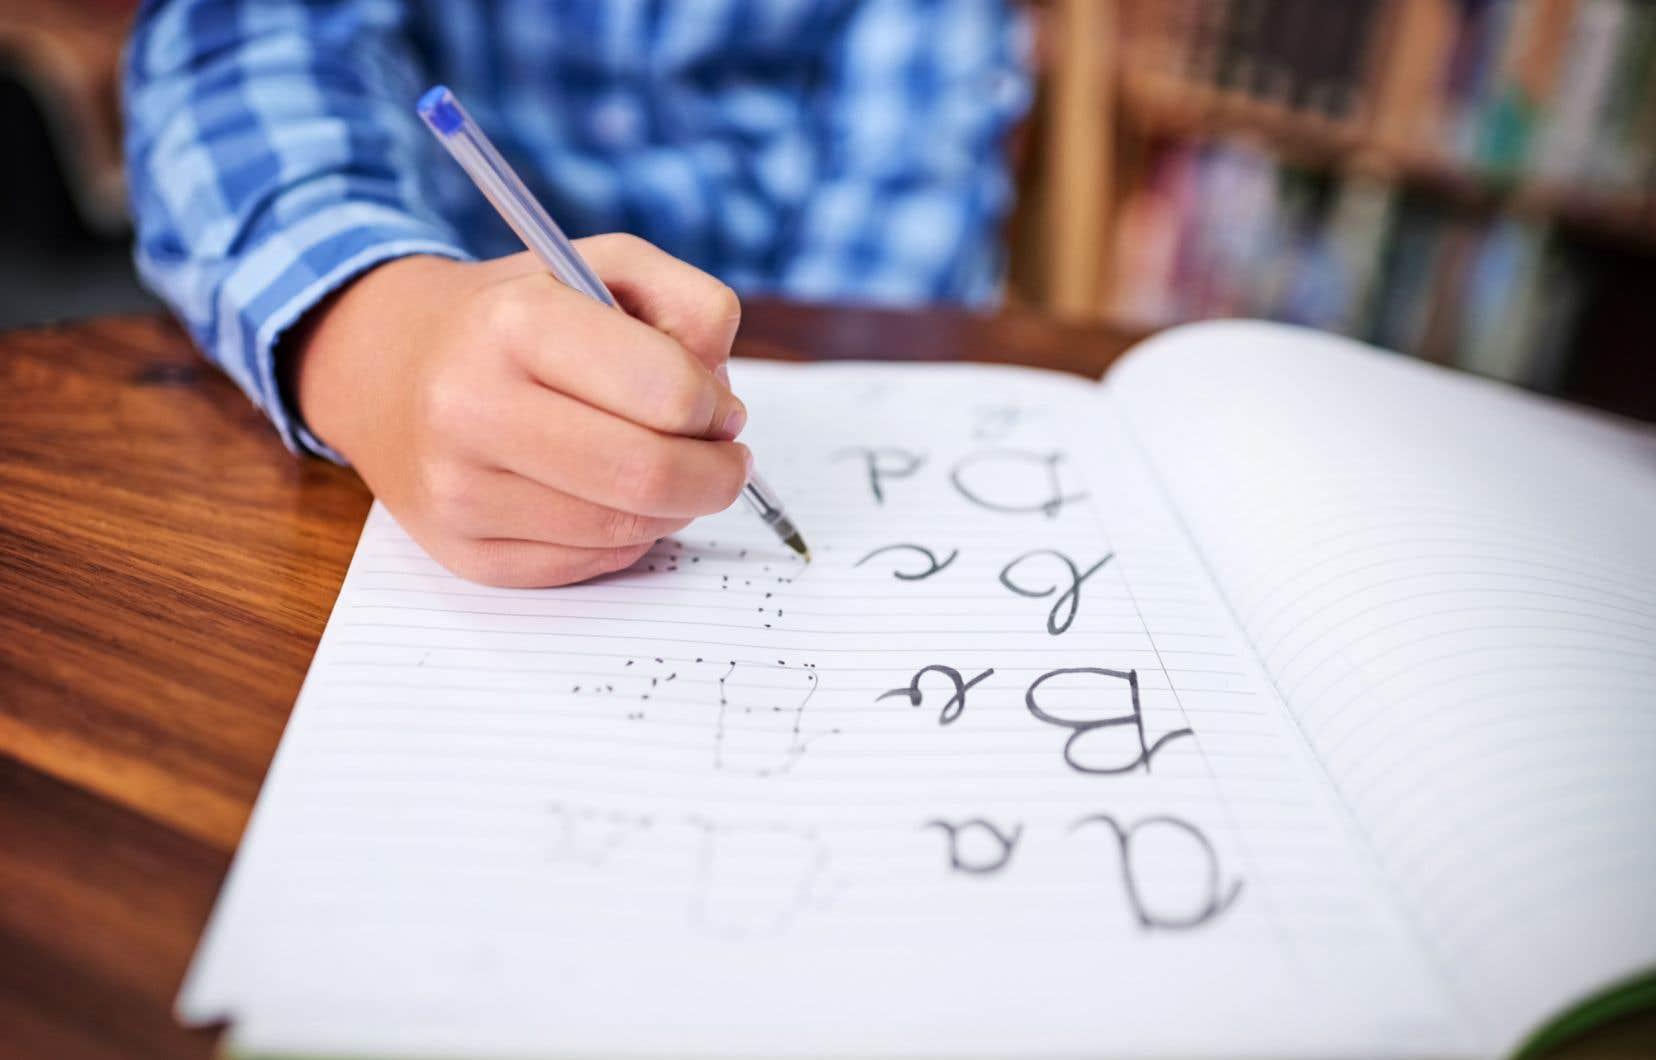 «L'enseignement systématique est dénué de sens; ce n'est pas parce qu'on explique toutes les relations entre les lettres et les sons qu'un élève sait lire (...)», écrit l'autrice.